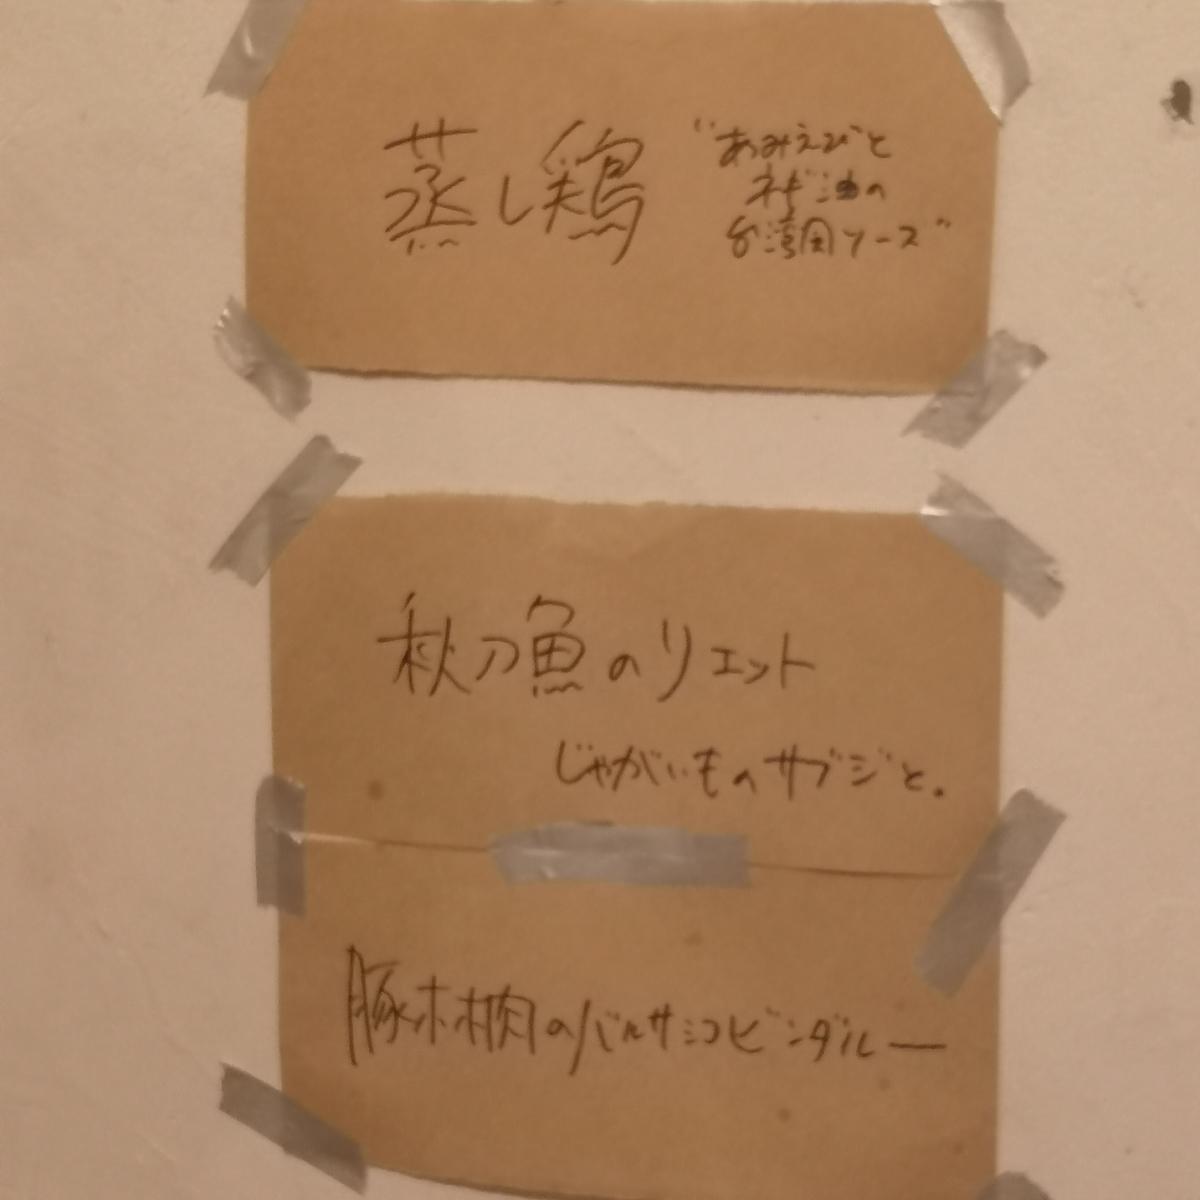 カレー事情聴取スパイス定食&バルVol.7 2019年10月18日 utatane メニュー